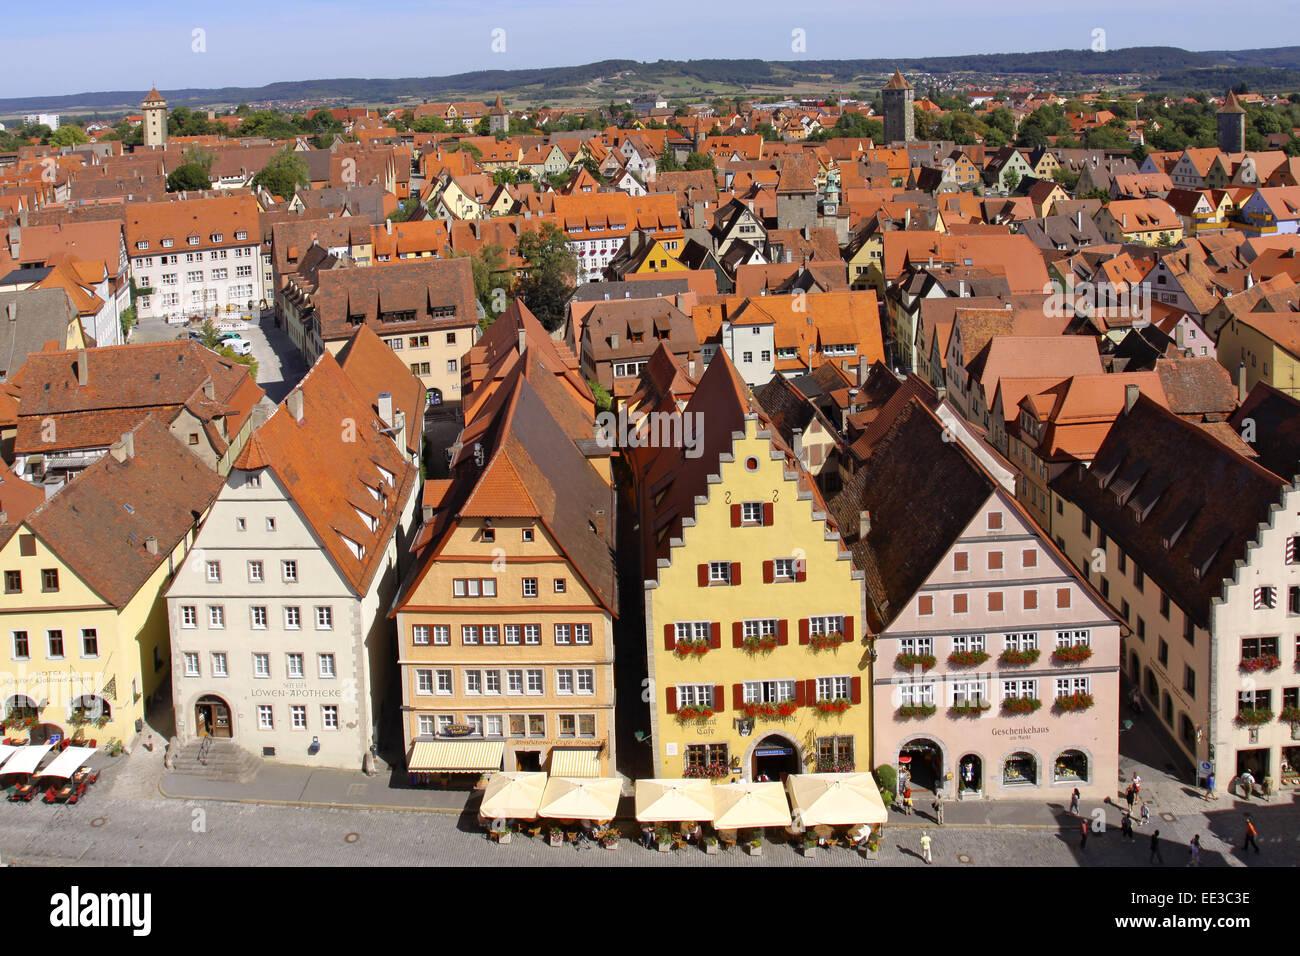 Deutschland, Bayern, Rothenburg ob der Tauber, Marktplatz, Altstadt, Stadtmitte, Haeuser, Fassade, Fassaden, Vogelperspektive - Stock Image